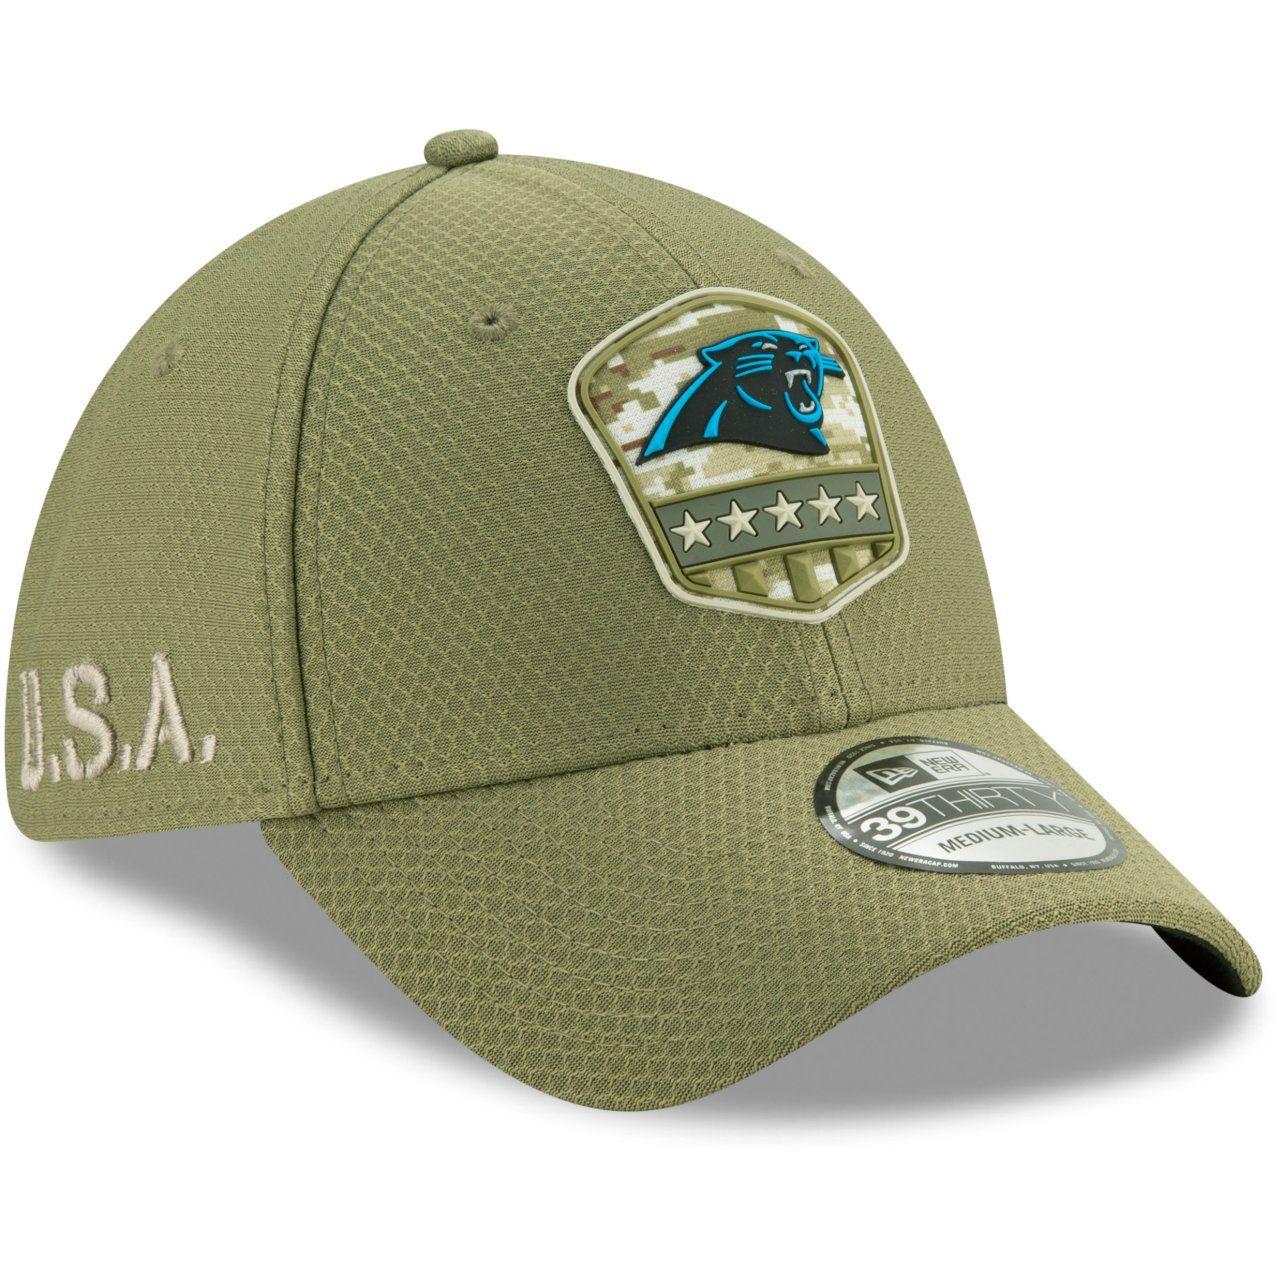 amfoo - New Era 39Thirty Cap Salute to Service Carolina Panthers